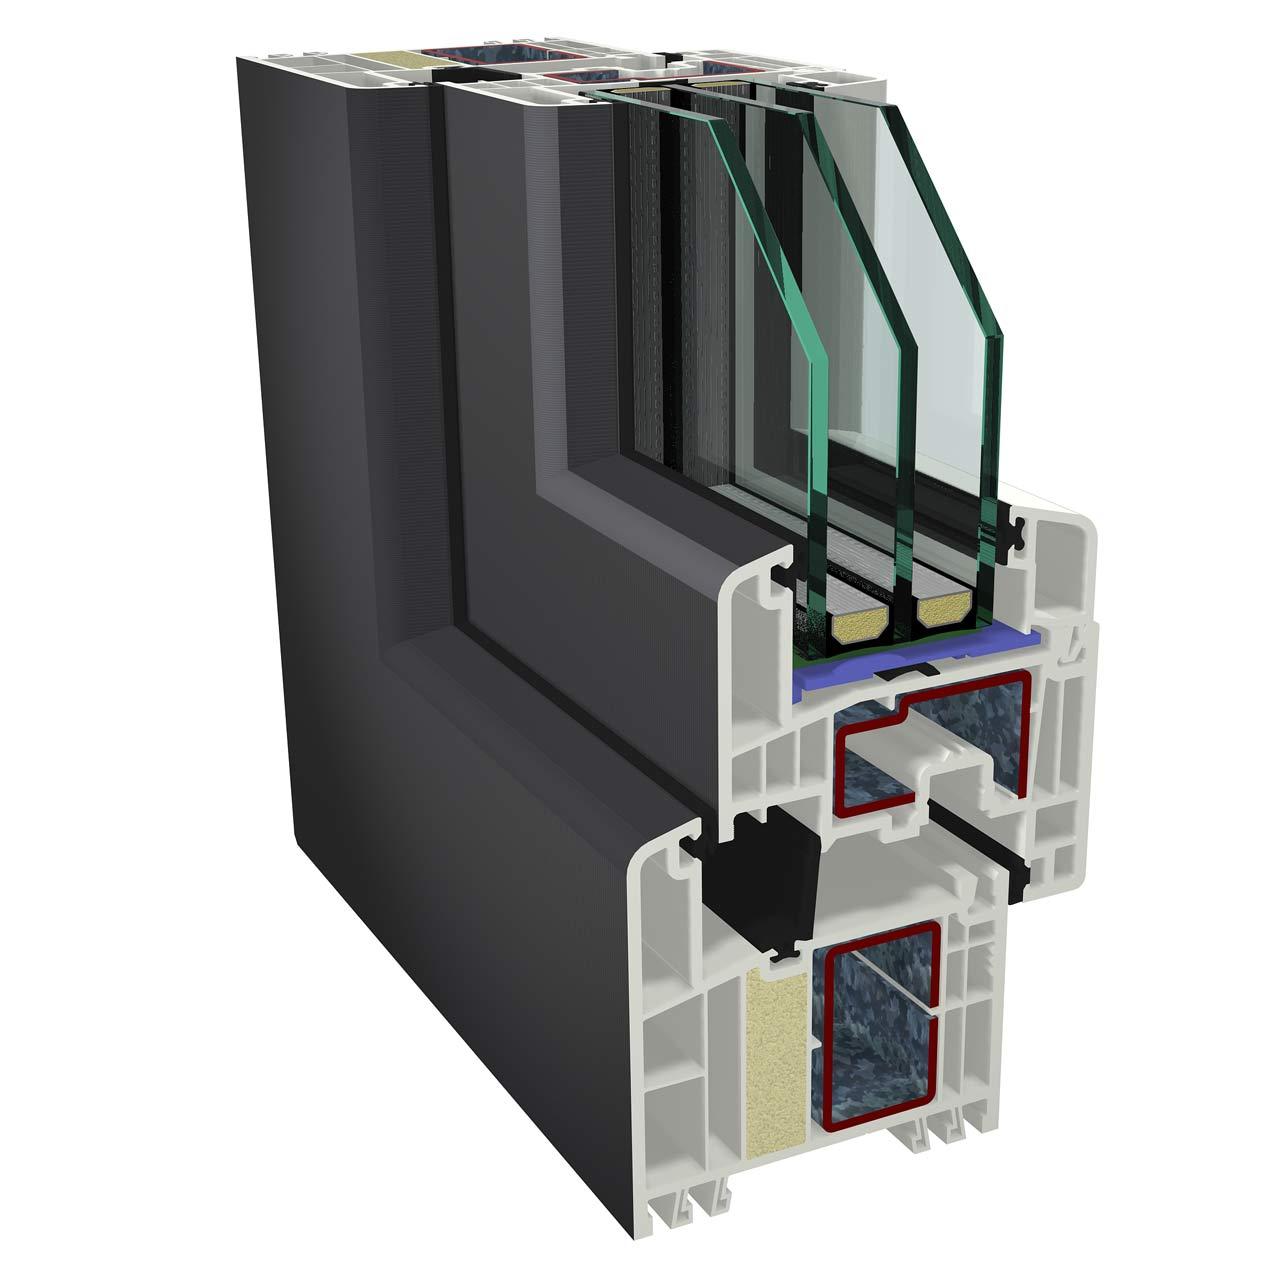 kategorie archiv f r kunststofffenster c lappas gmbh. Black Bedroom Furniture Sets. Home Design Ideas